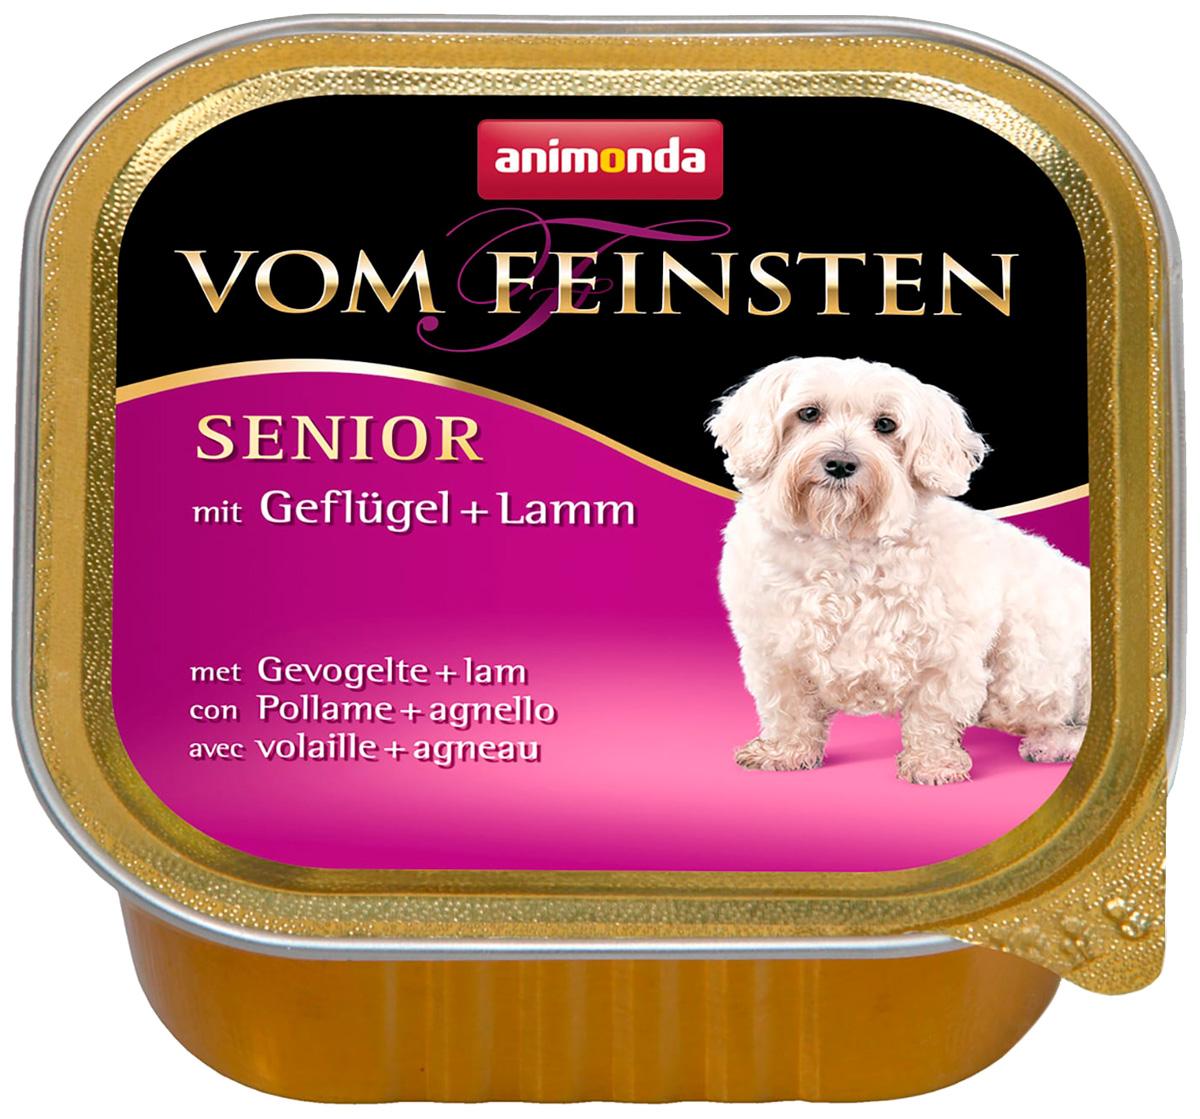 Animonda Vom Feinsten Senior Mit Geflugel & Lamm для пожилых собак с птицей и ягненком  (150 гр х 22 шт)